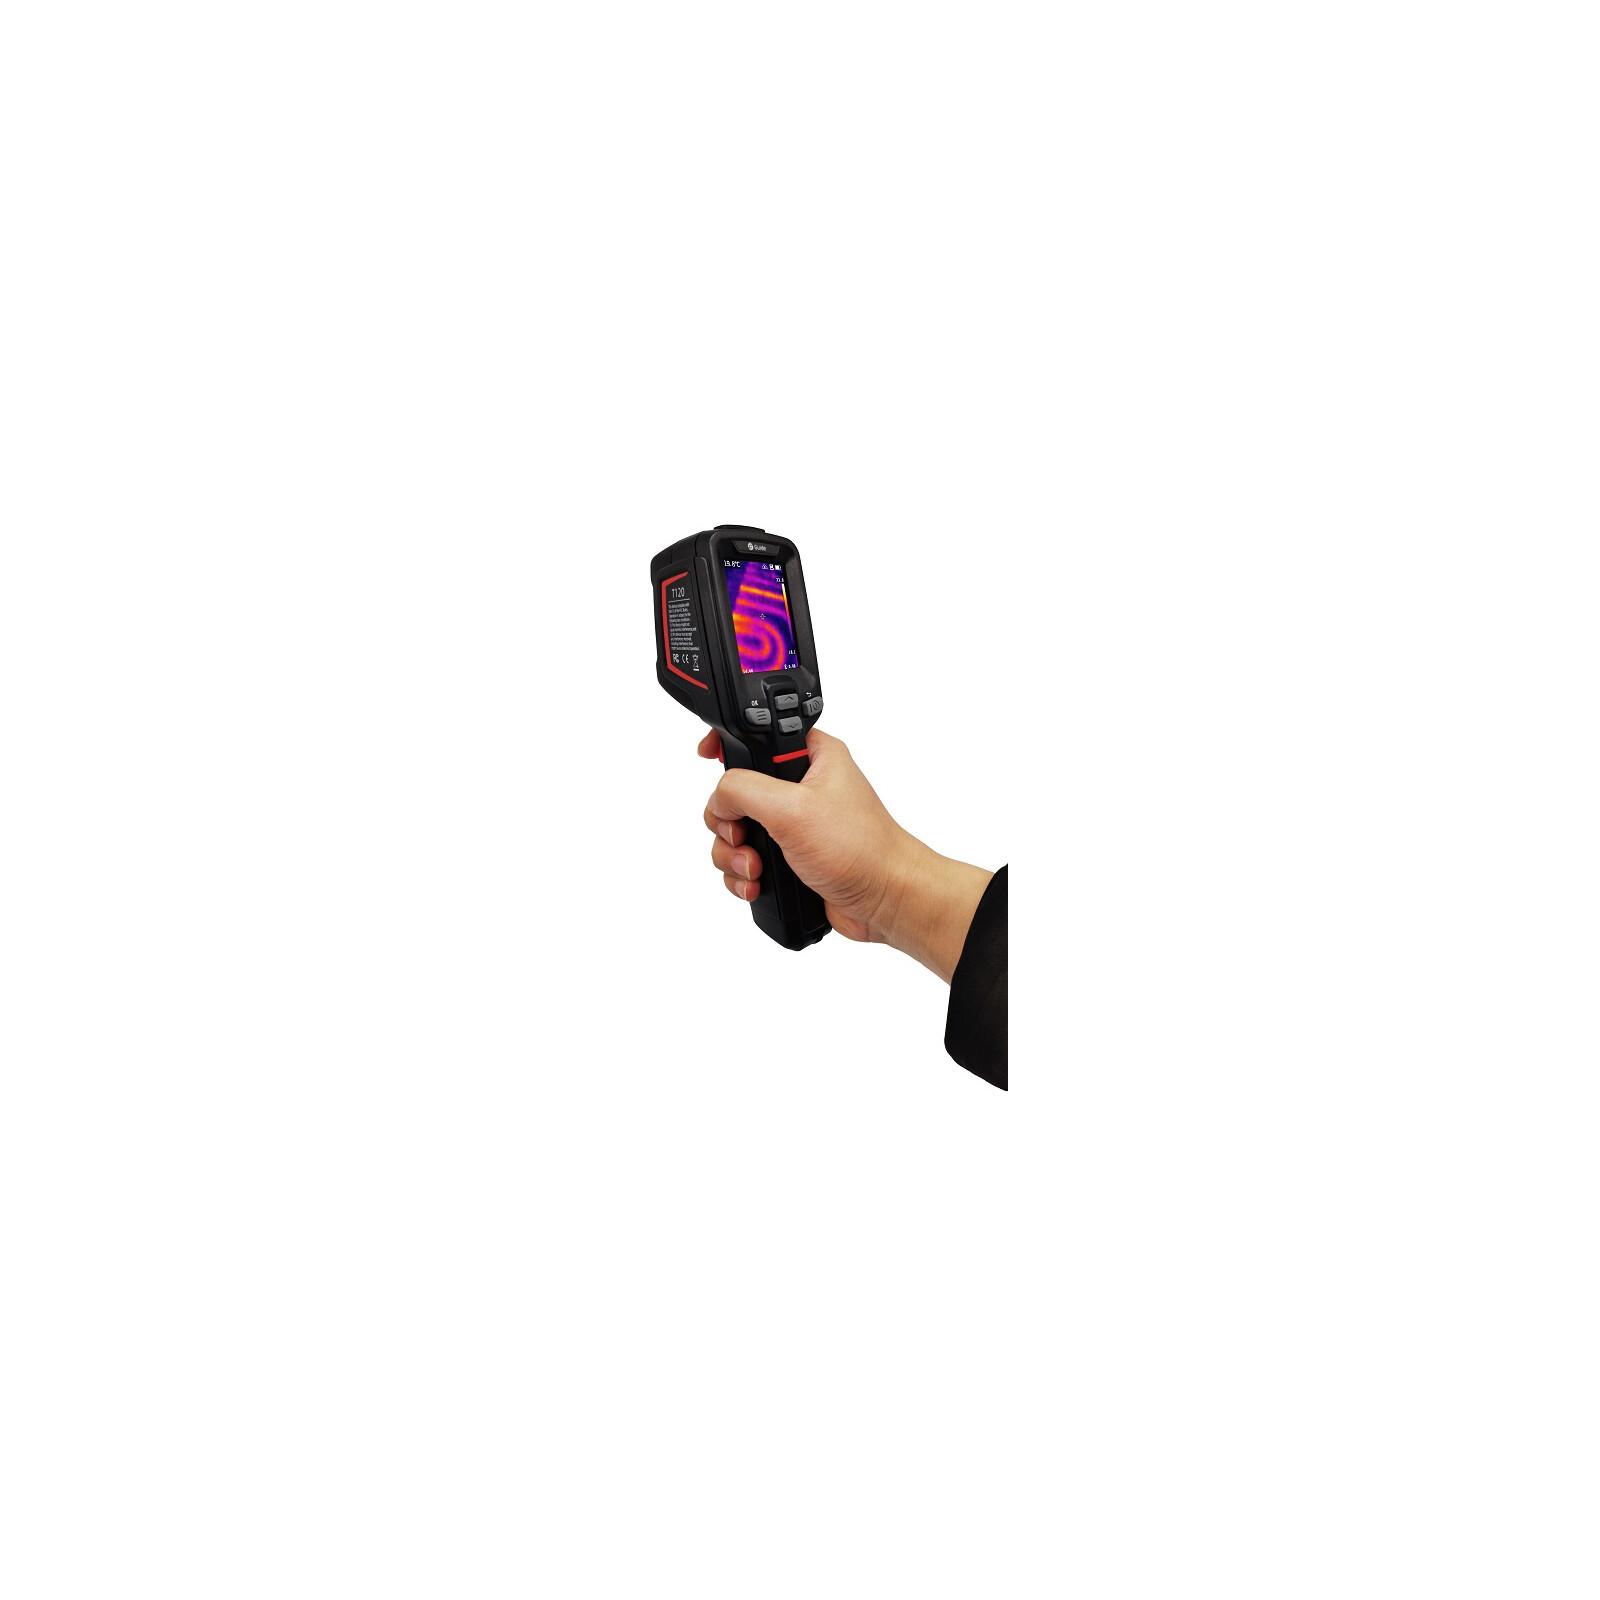 Guide T120 Handheld Thermal Camera